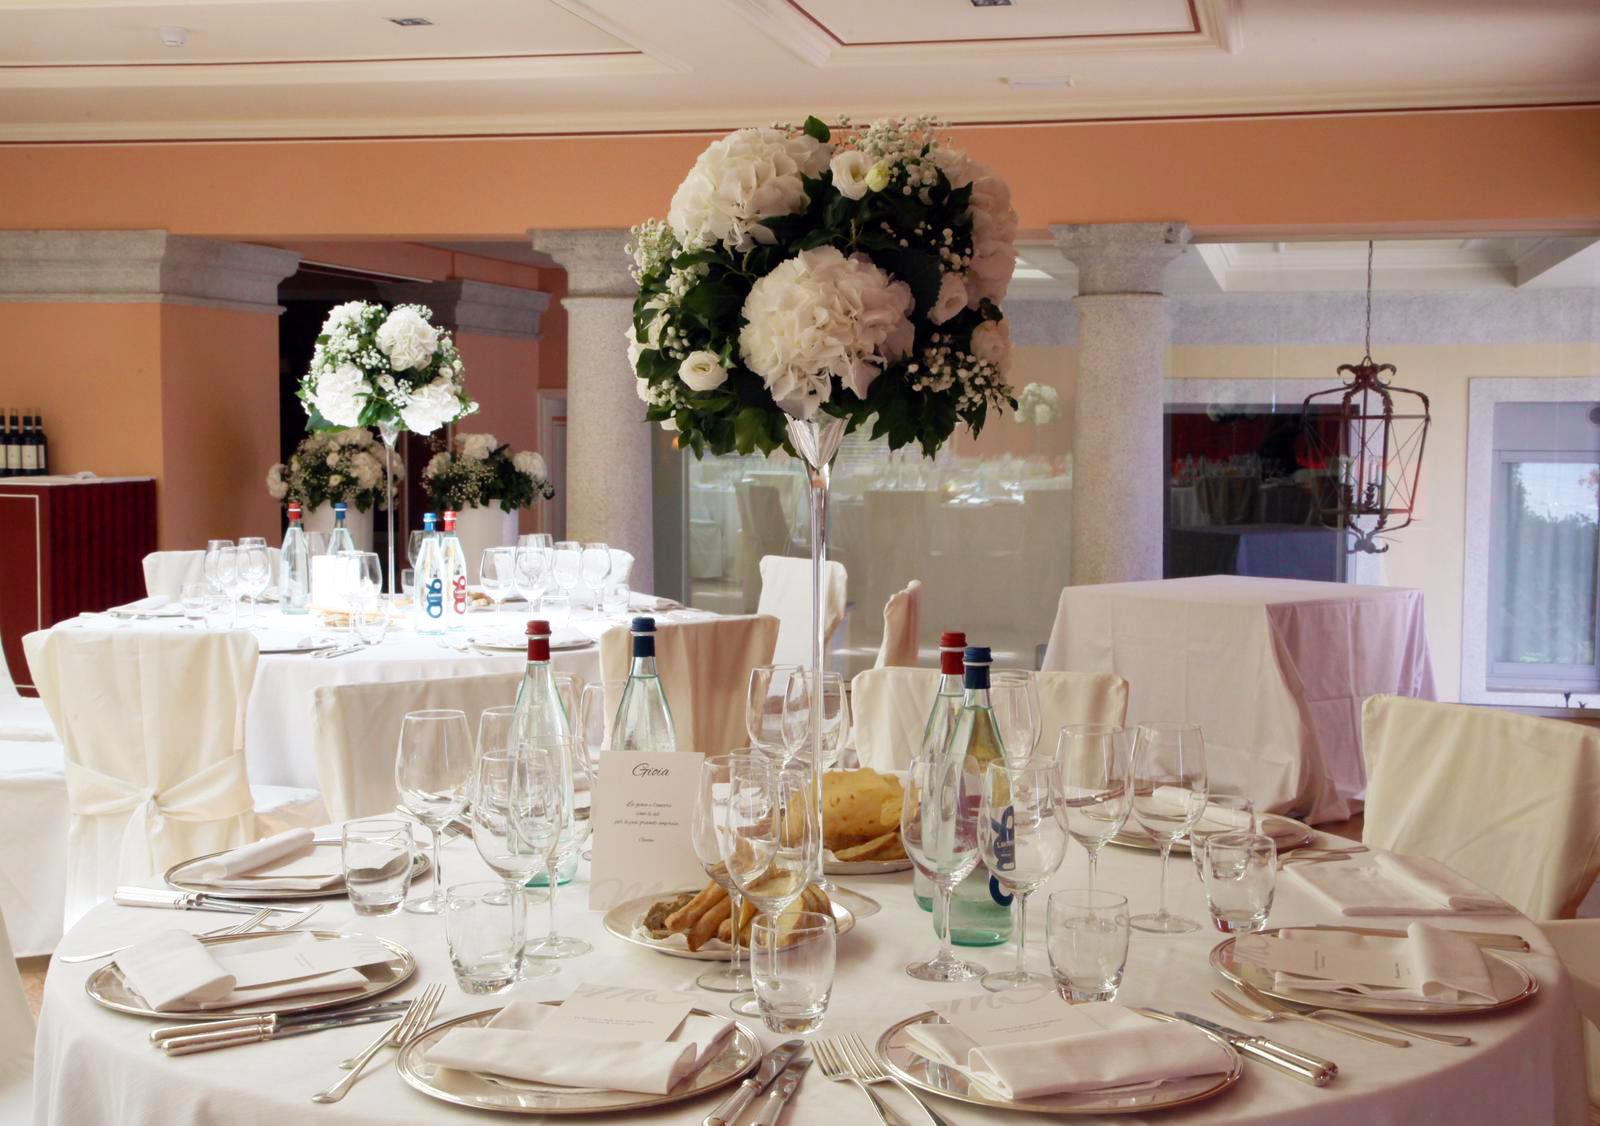 MADI comunicazione_Massimiliano - Max Blardone_M&S wedding_05